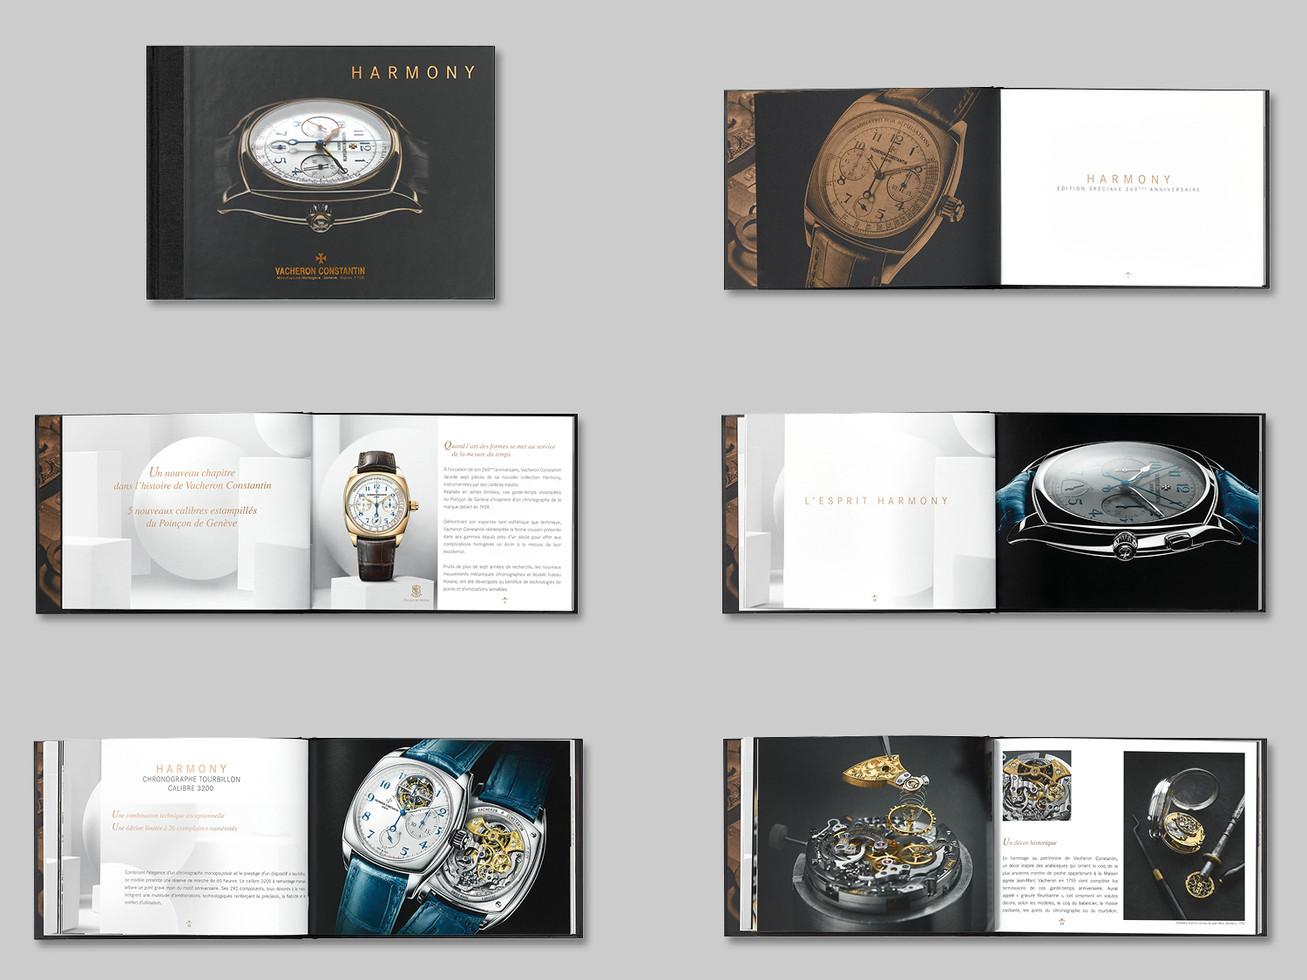 Harmony Catalog